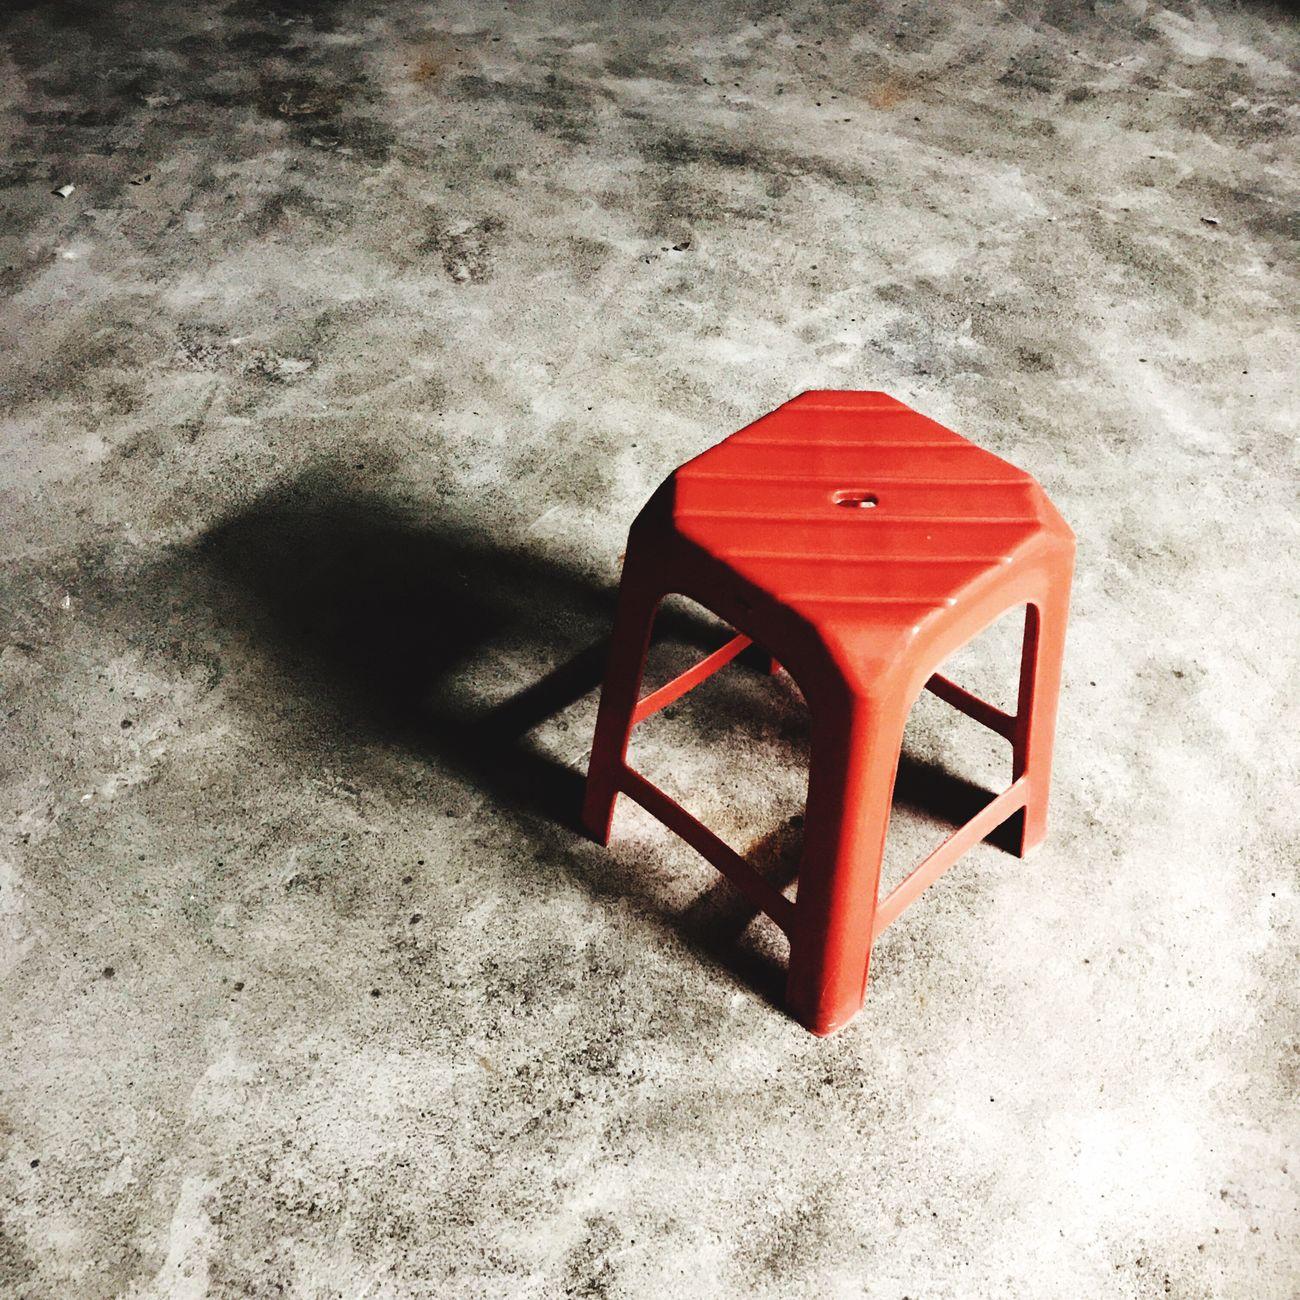 Red Stool Lieblingsteil